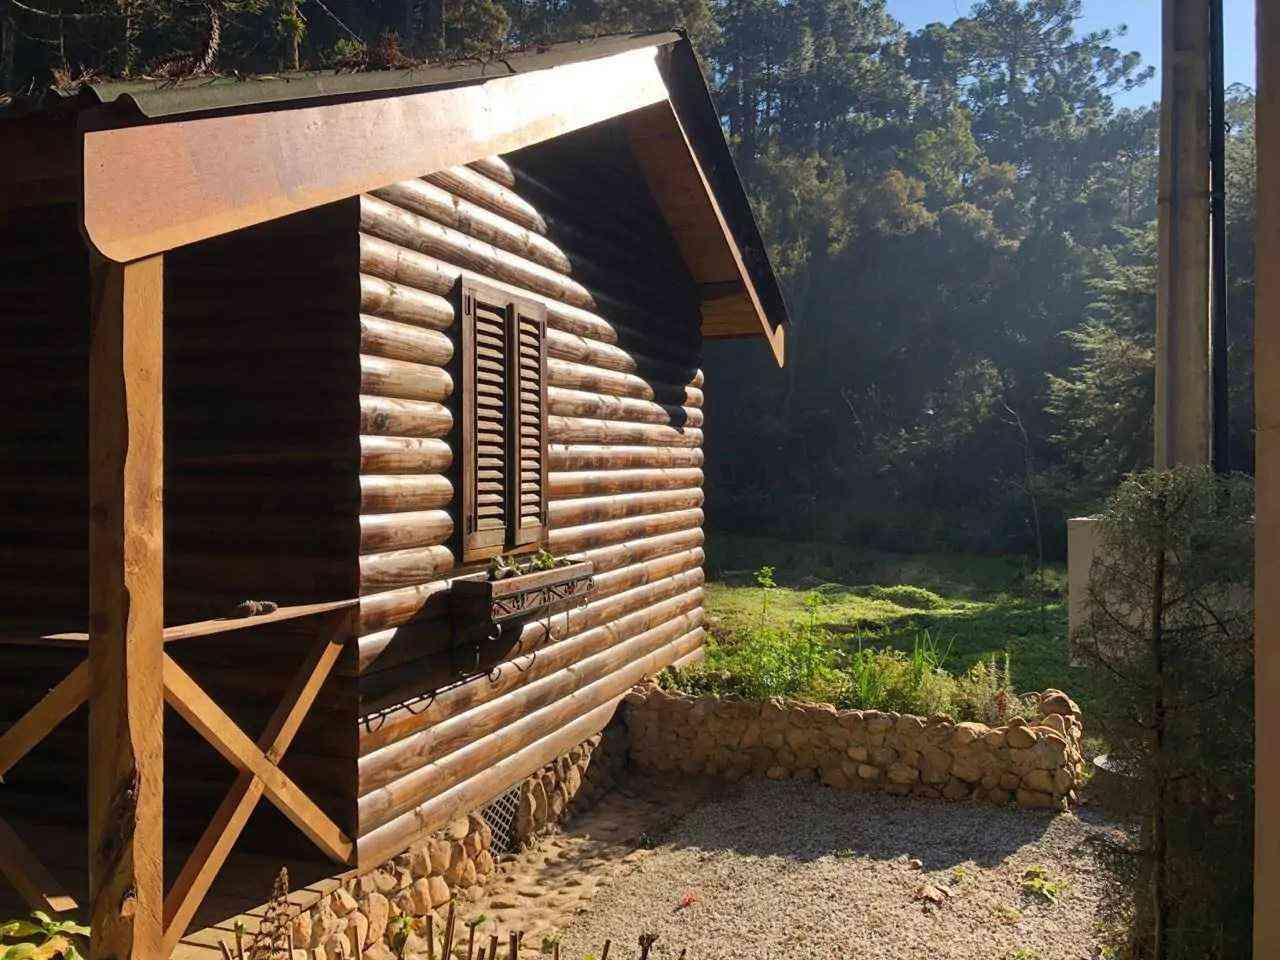 cabana de toras nas montanhas de campos do jordão Brasil